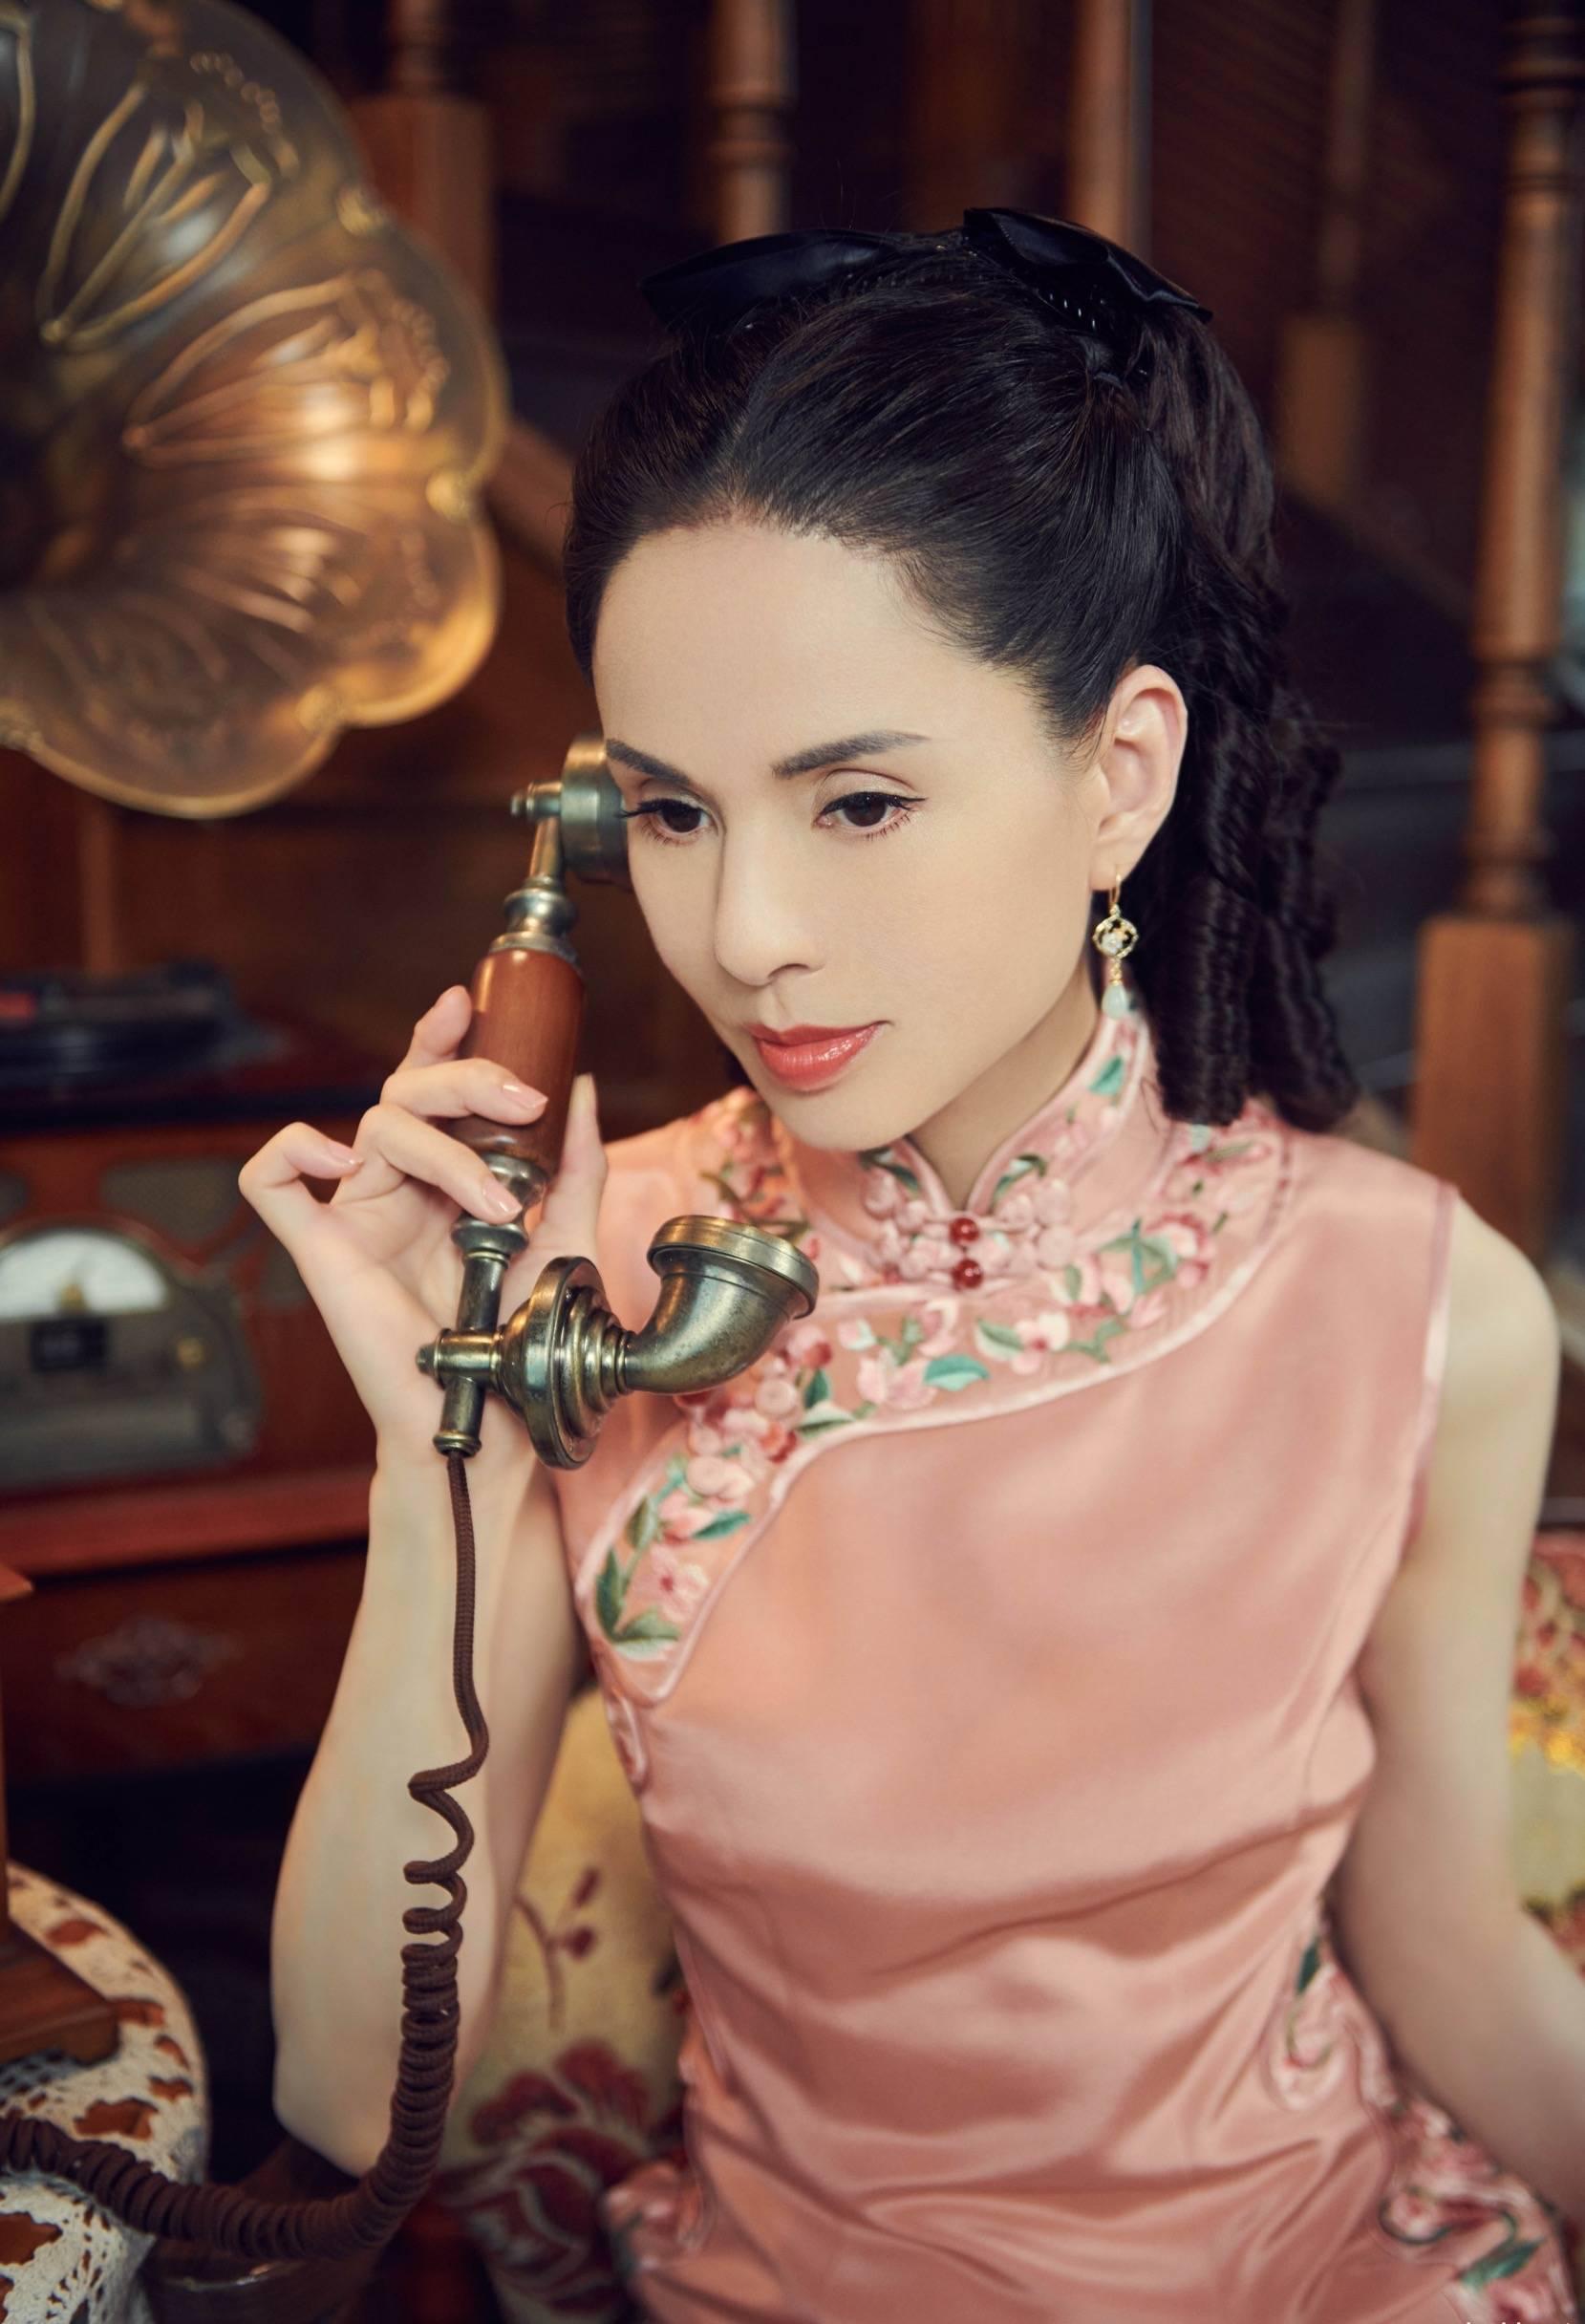 'Tiểu Long Nữ' Lý Nhược Đồng mặc sườn xám khoe vóc dáng tuyệt mỹ ở tuổi 54 9